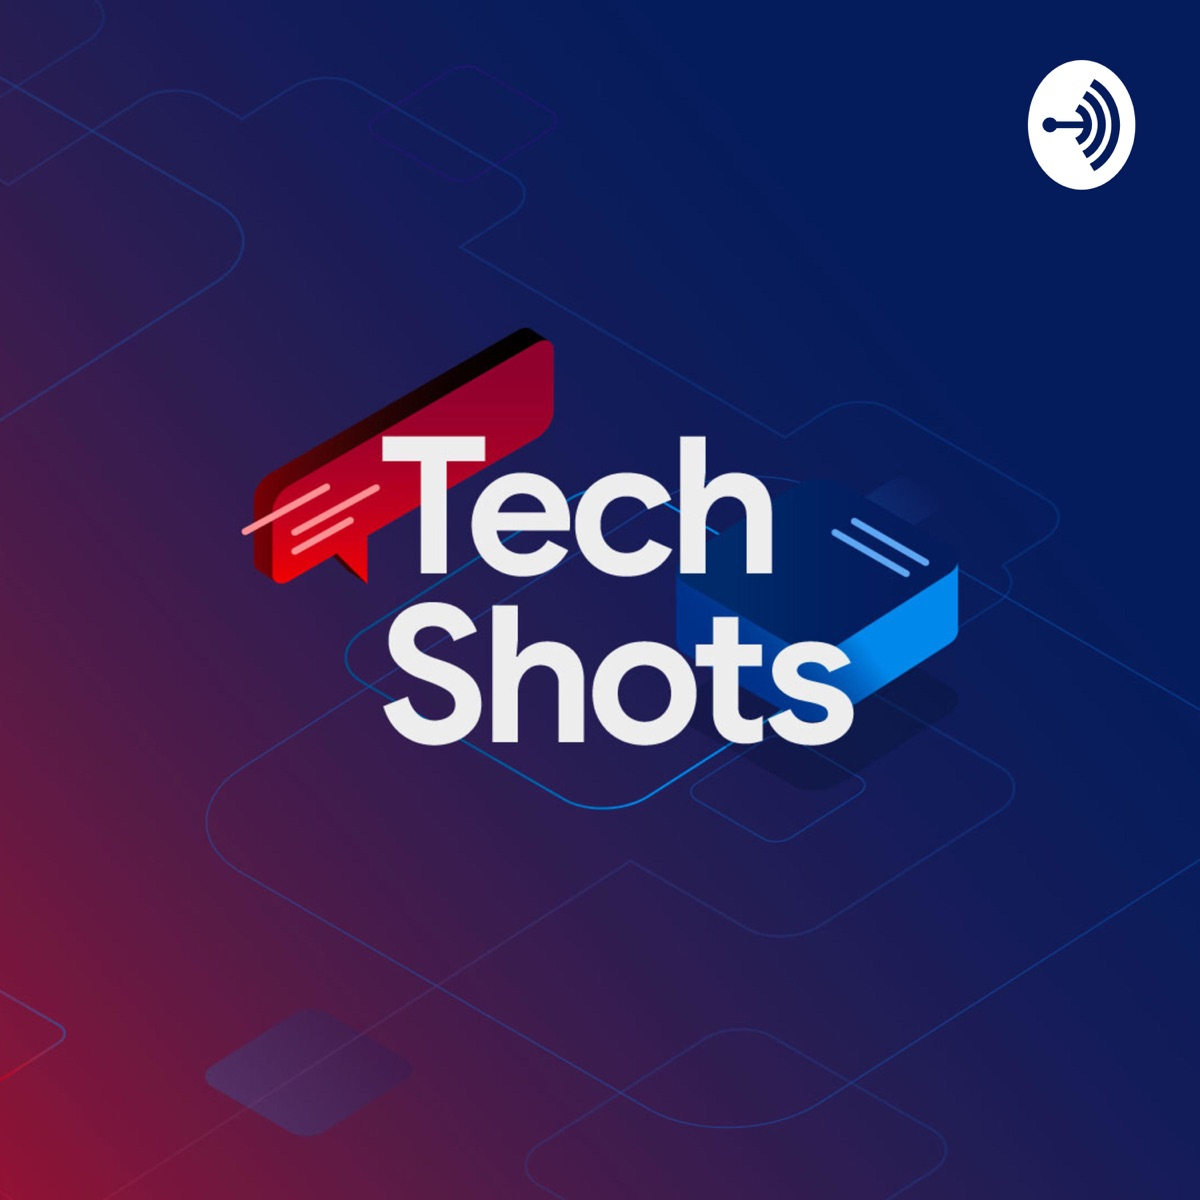 Tech Shots